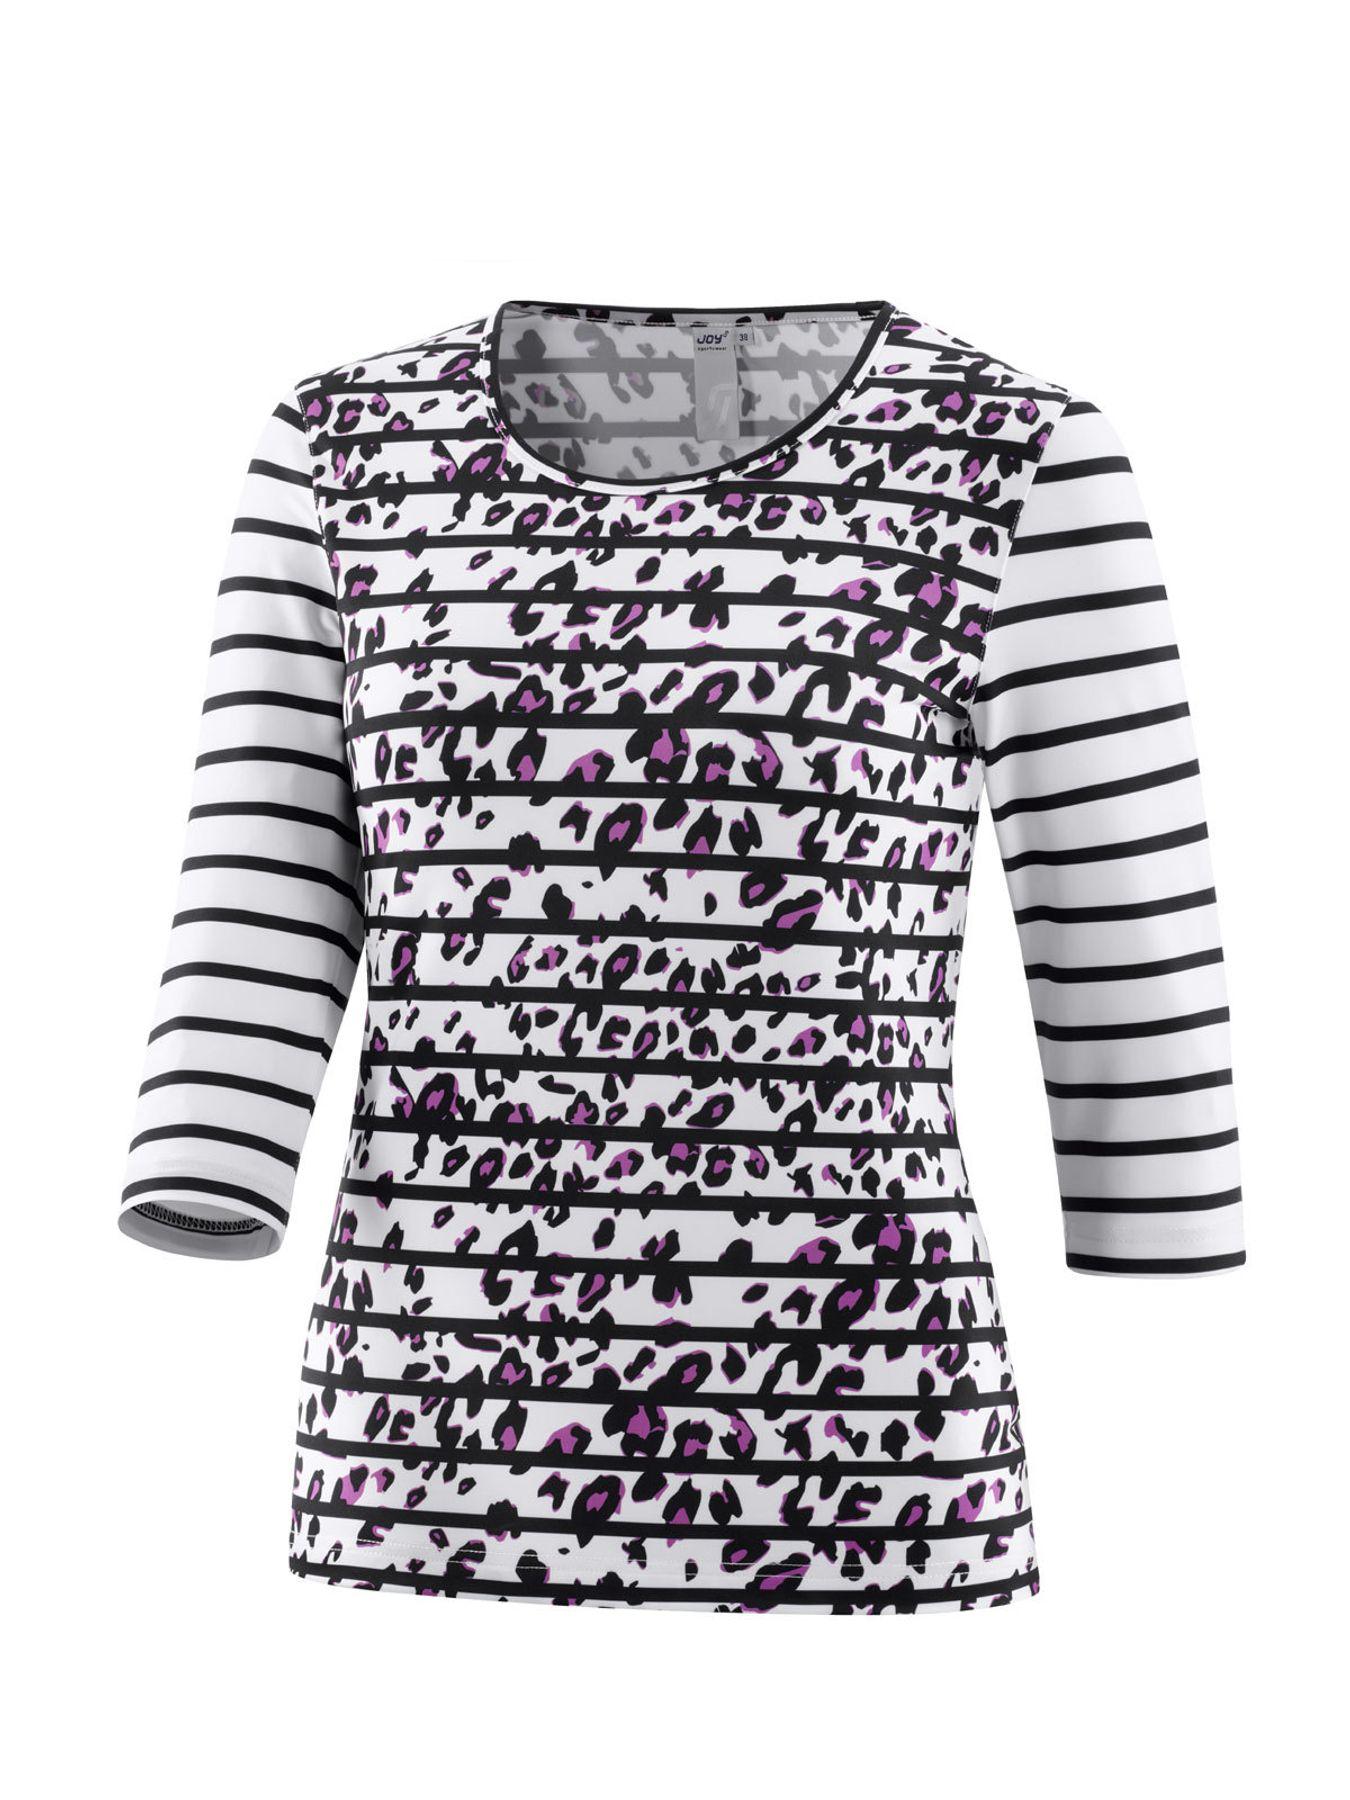 Joy - Damen Sport und Freizeit Shirt mit 3/4 Arm, gestreift, Zina (34517A) – Bild 1